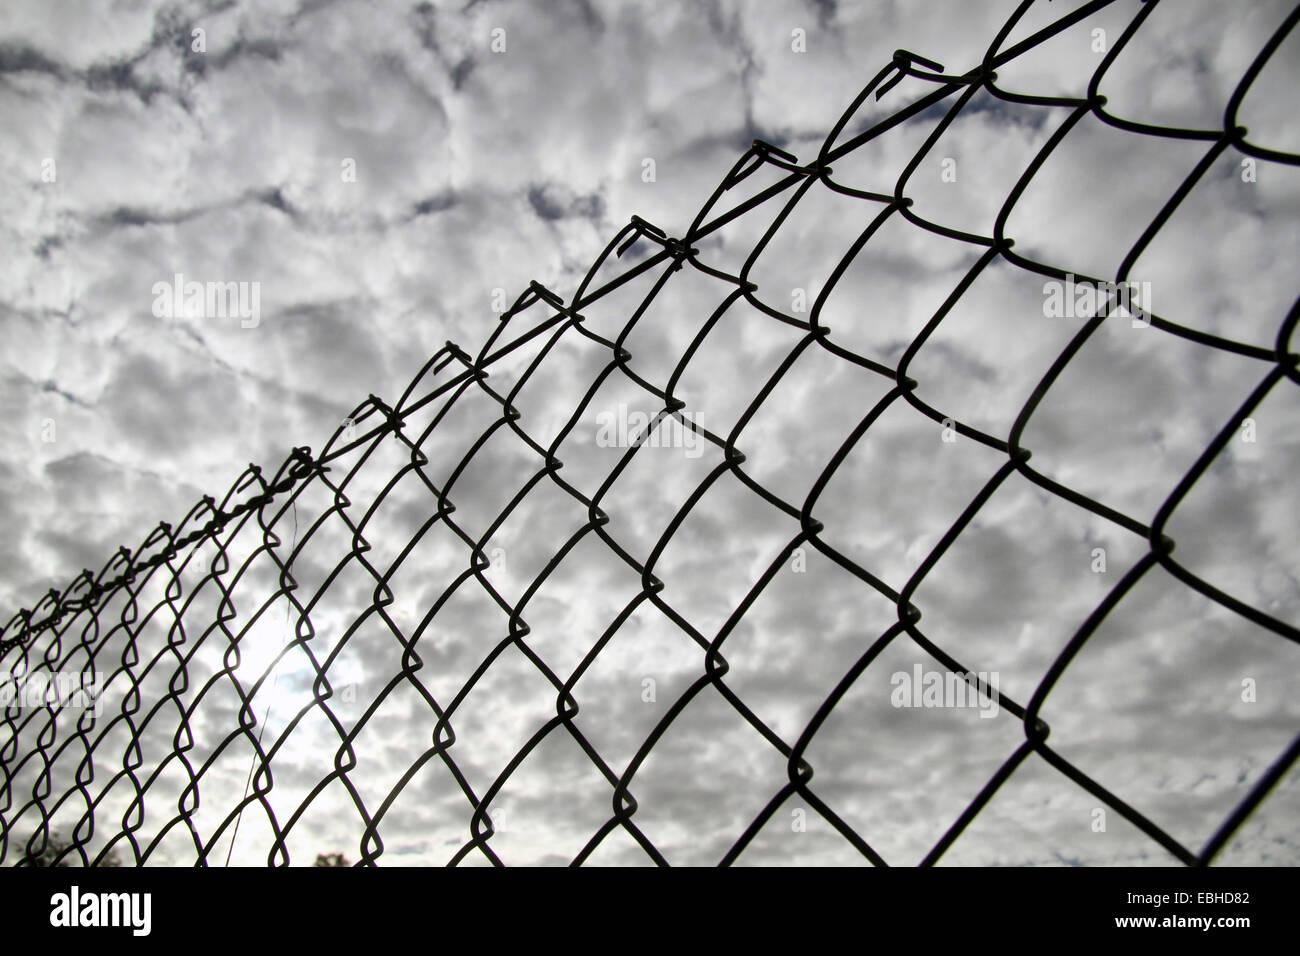 Diamond Mesh Fence Stockfotos & Diamond Mesh Fence Bilder - Alamy